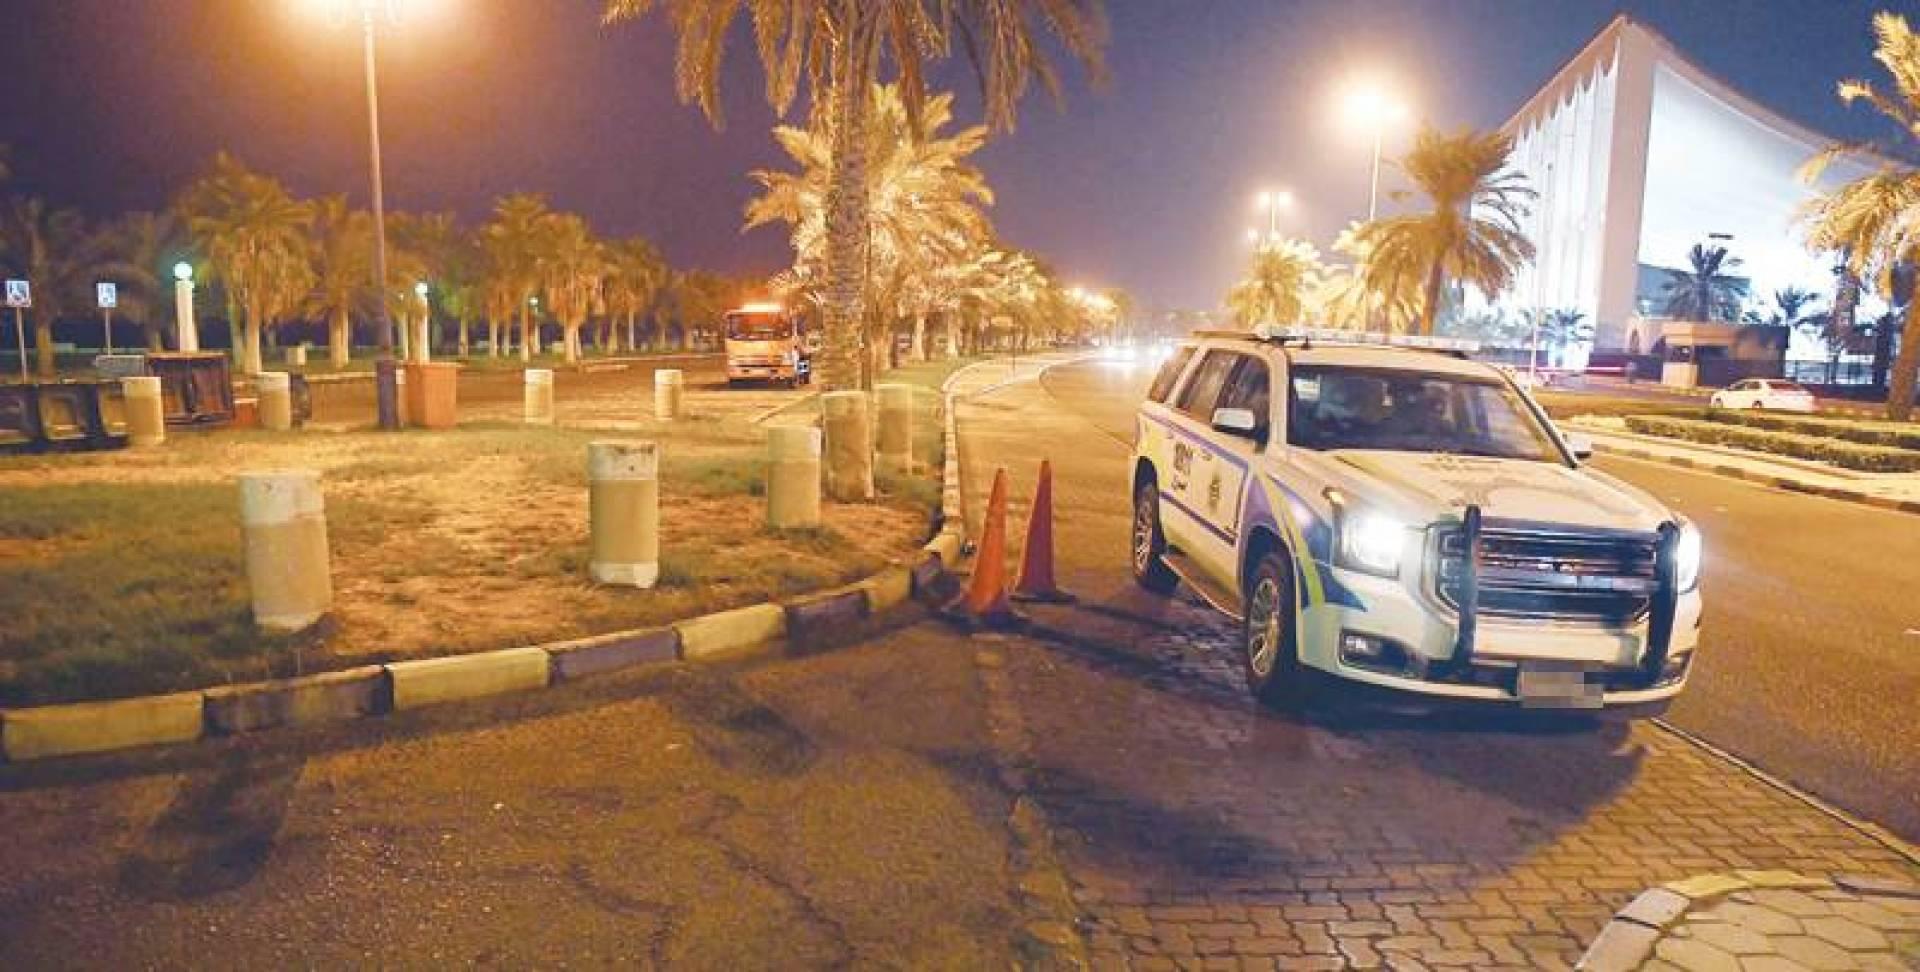 دورية مرور في ساحة الإرادة عقب فتحها | تصوير مصطفى نجم الدين